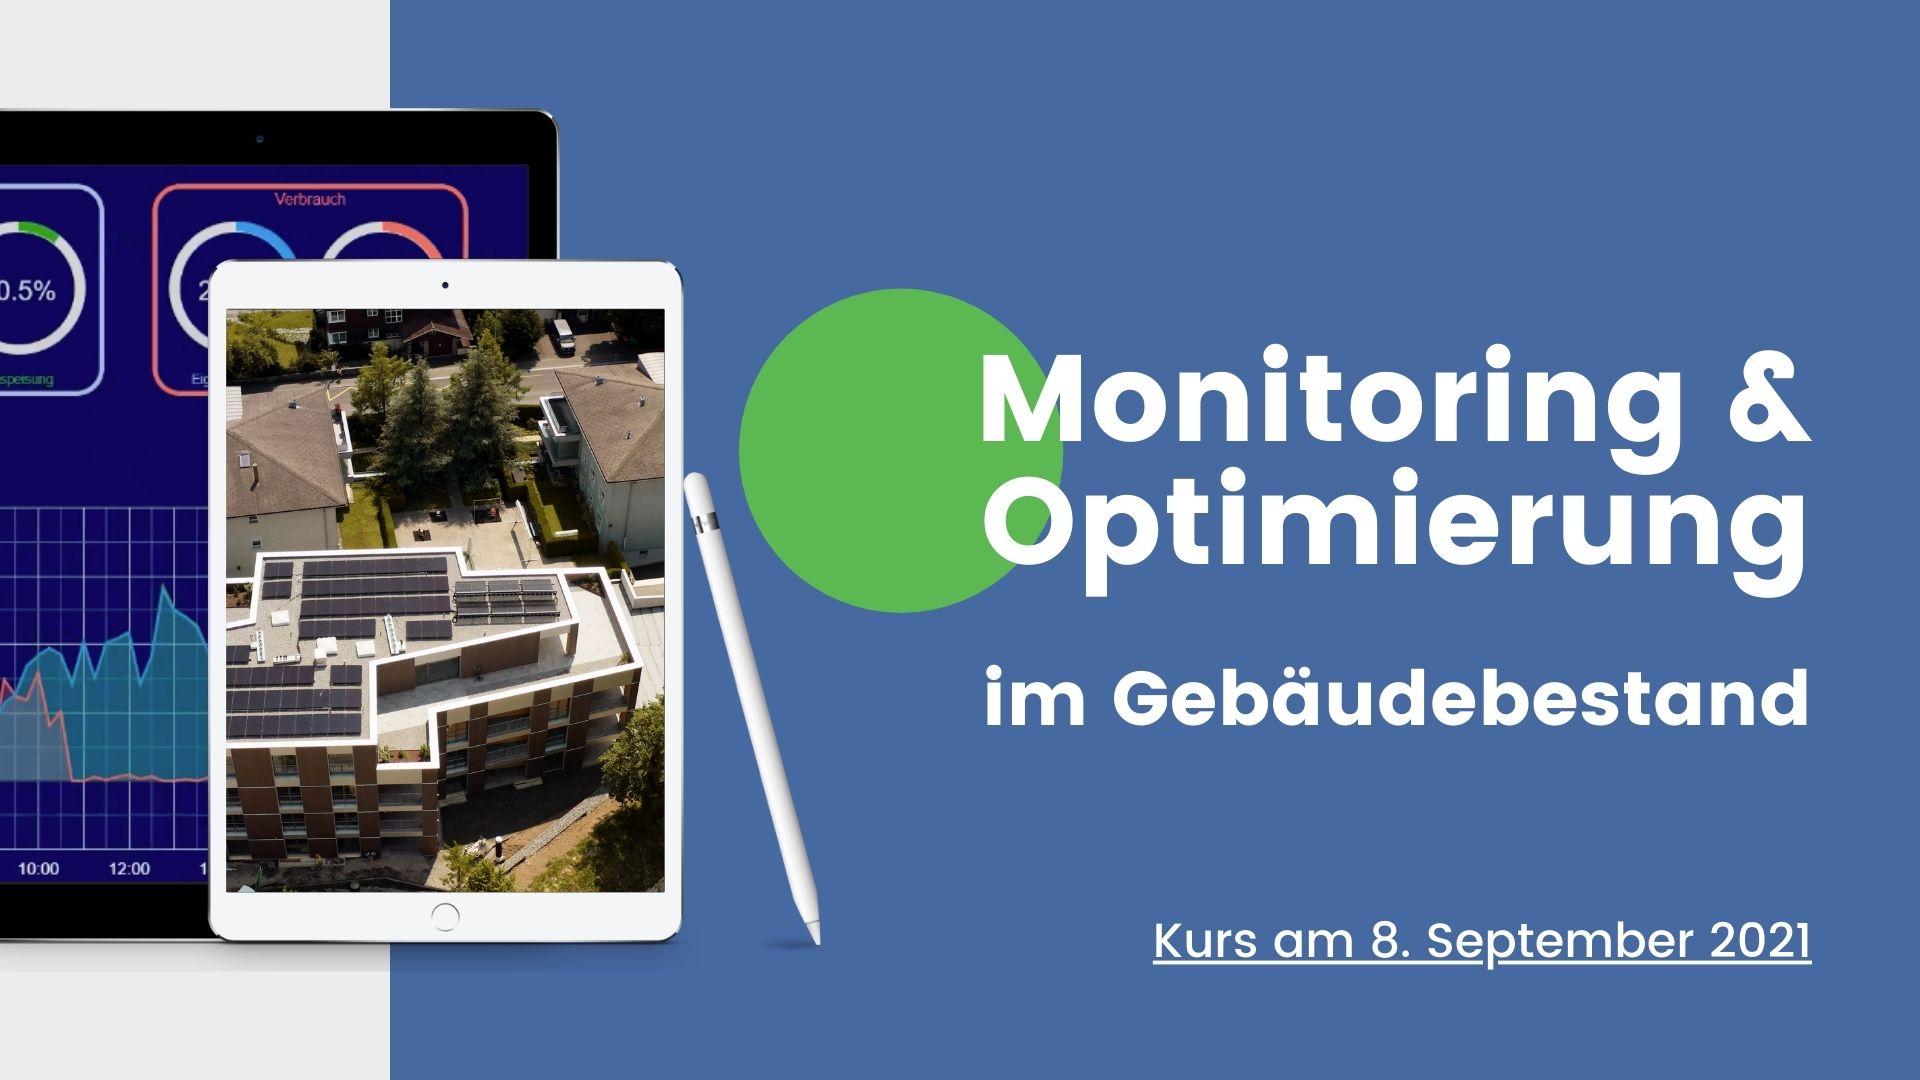 Monitoring und Optimierung im Gebäudebestand